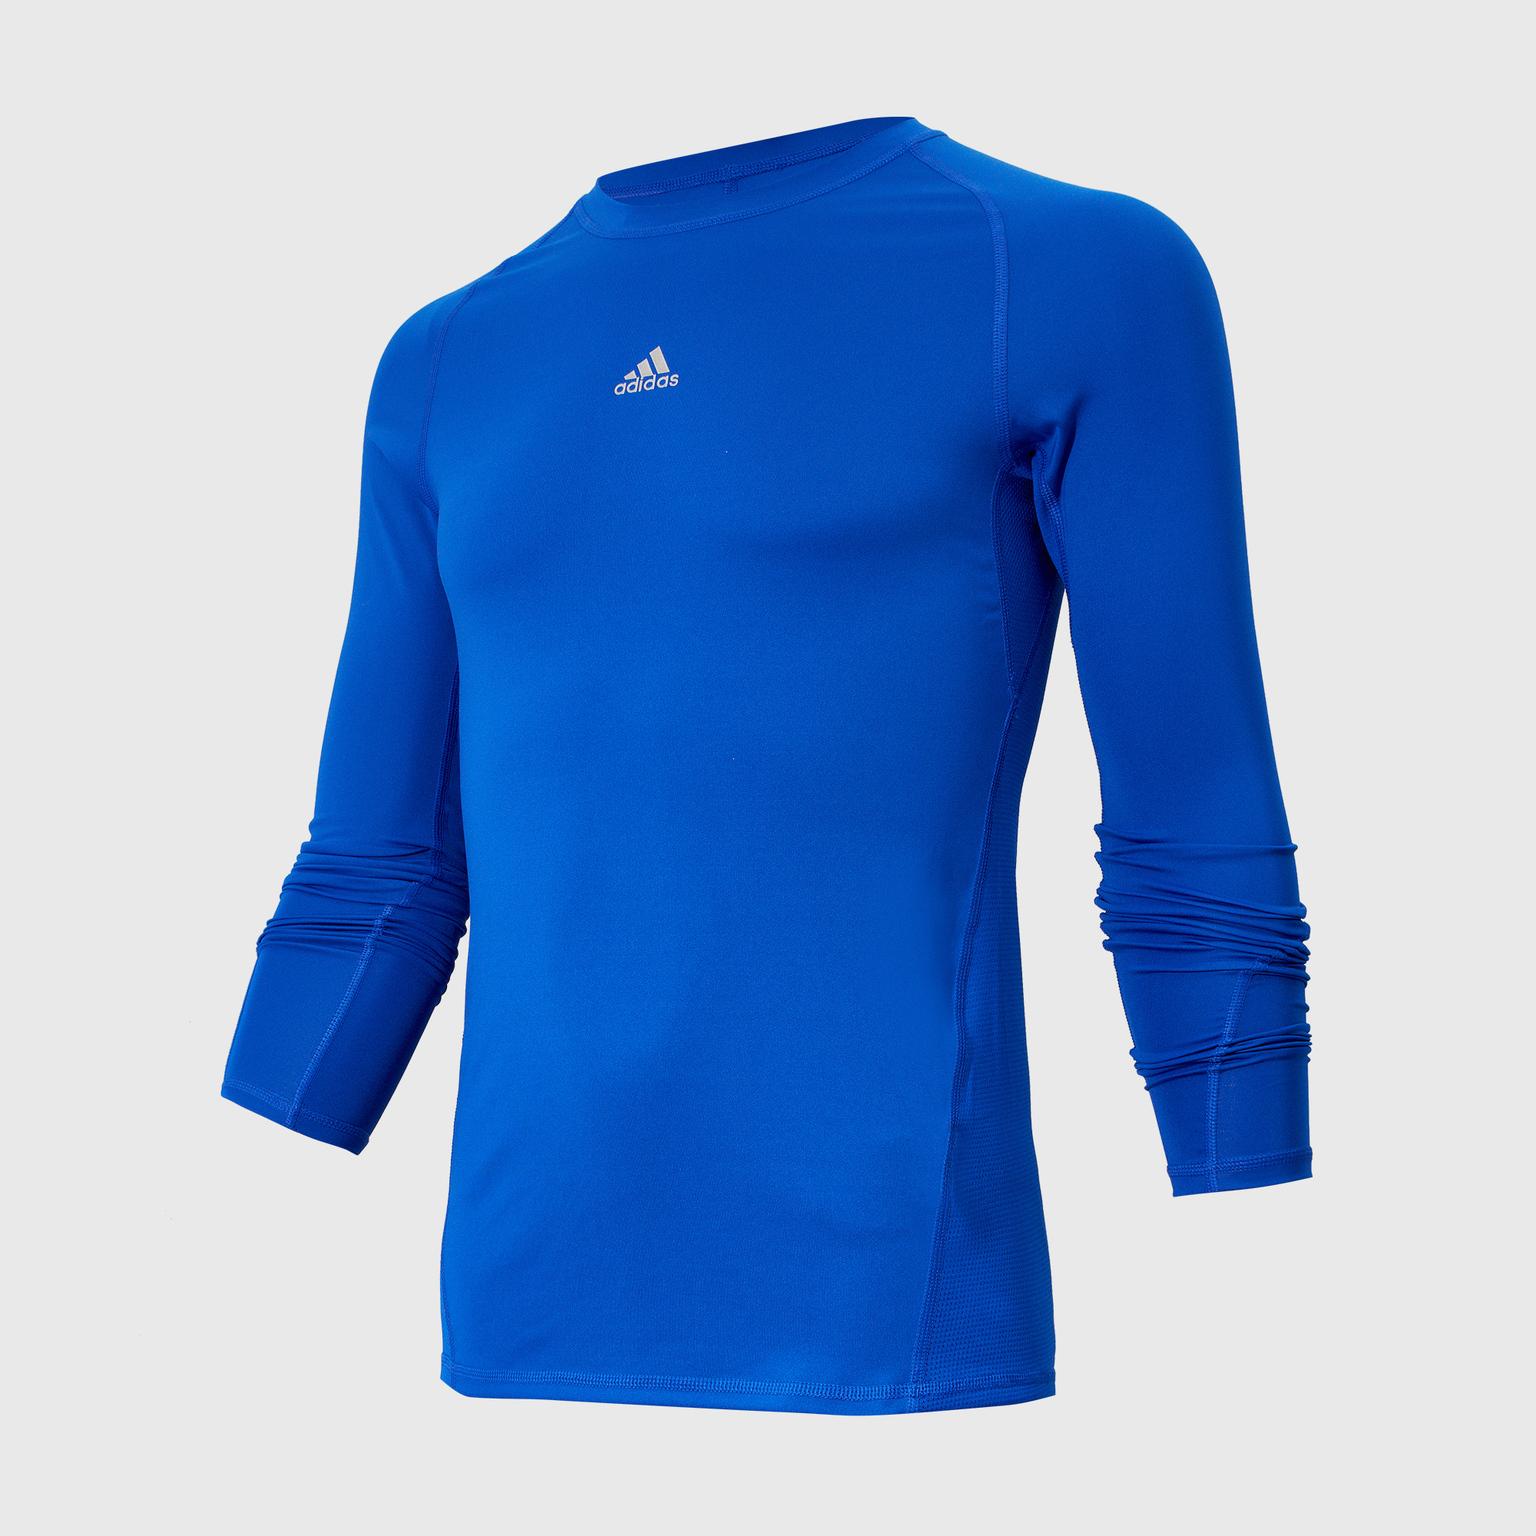 Белье футболка подростковая Adidas LS Tee CW7323 футболка adidas футболка stu clima tee